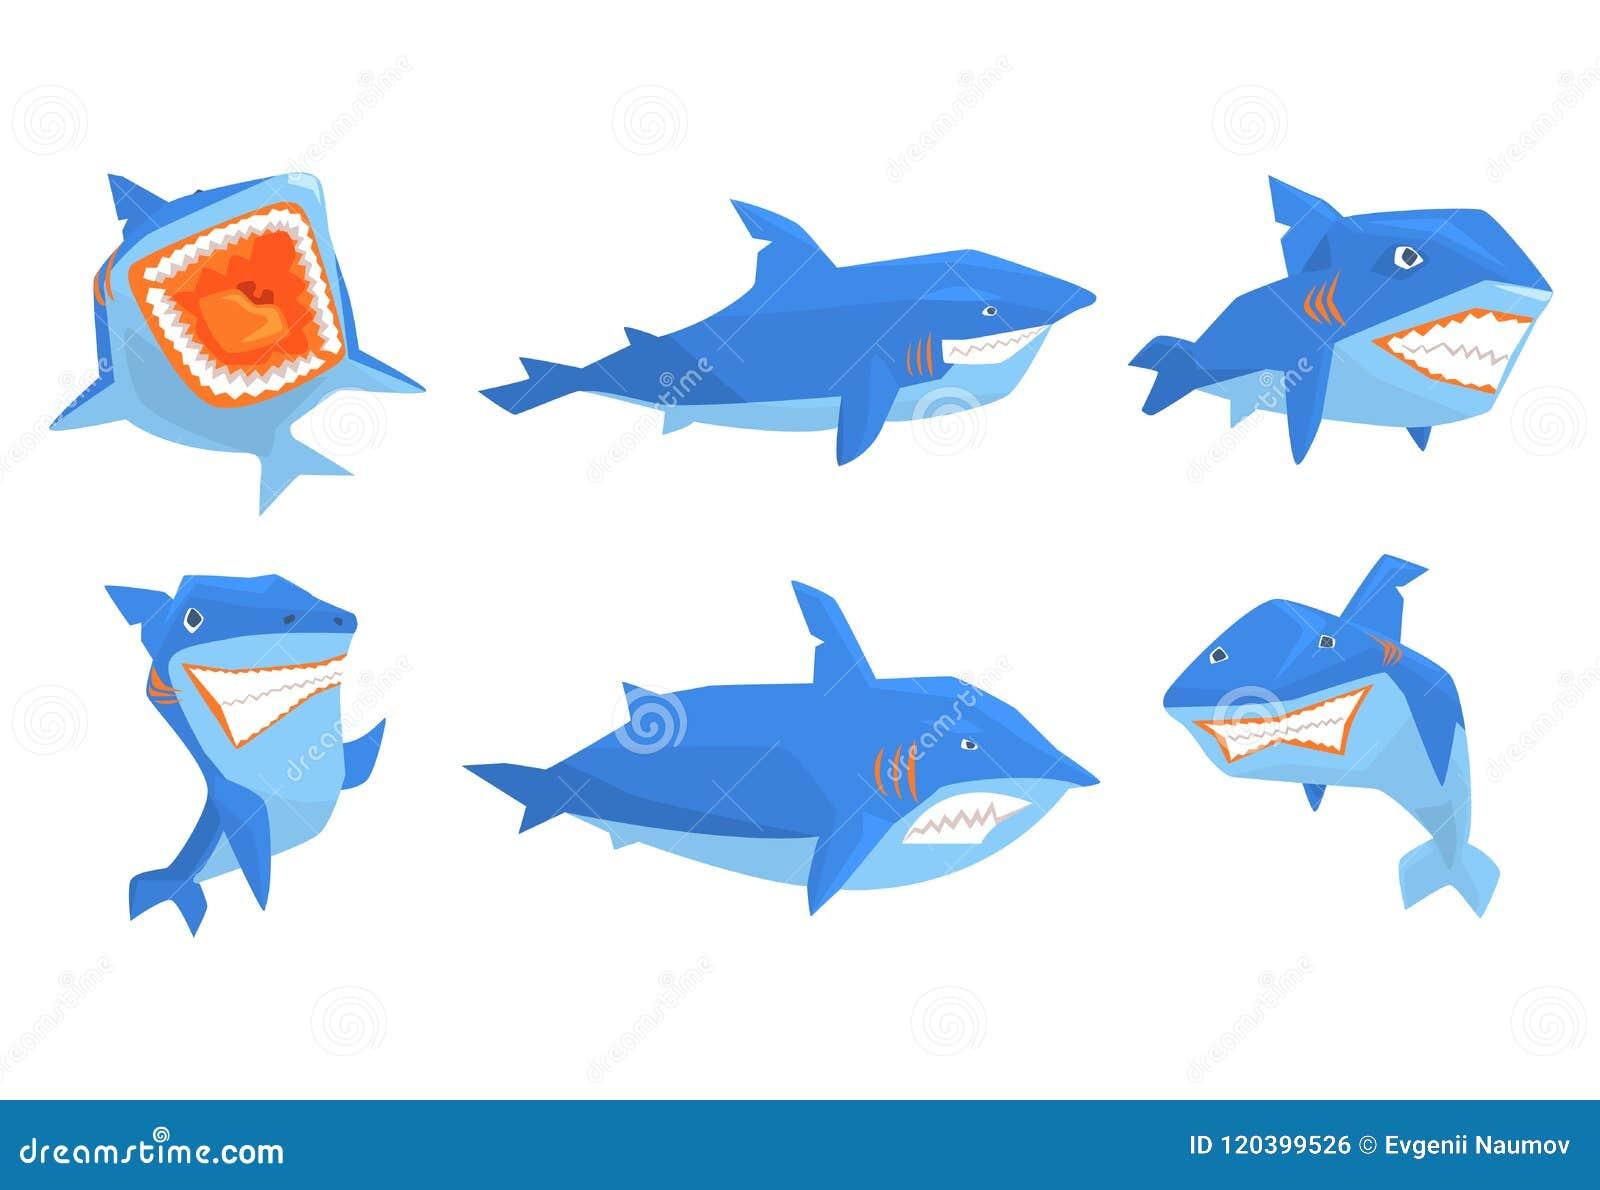 平的传染媒介套蓝鲨鱼用不同的姿势 与锋利的牙齿和大飞翅后面的海生动物 元素为